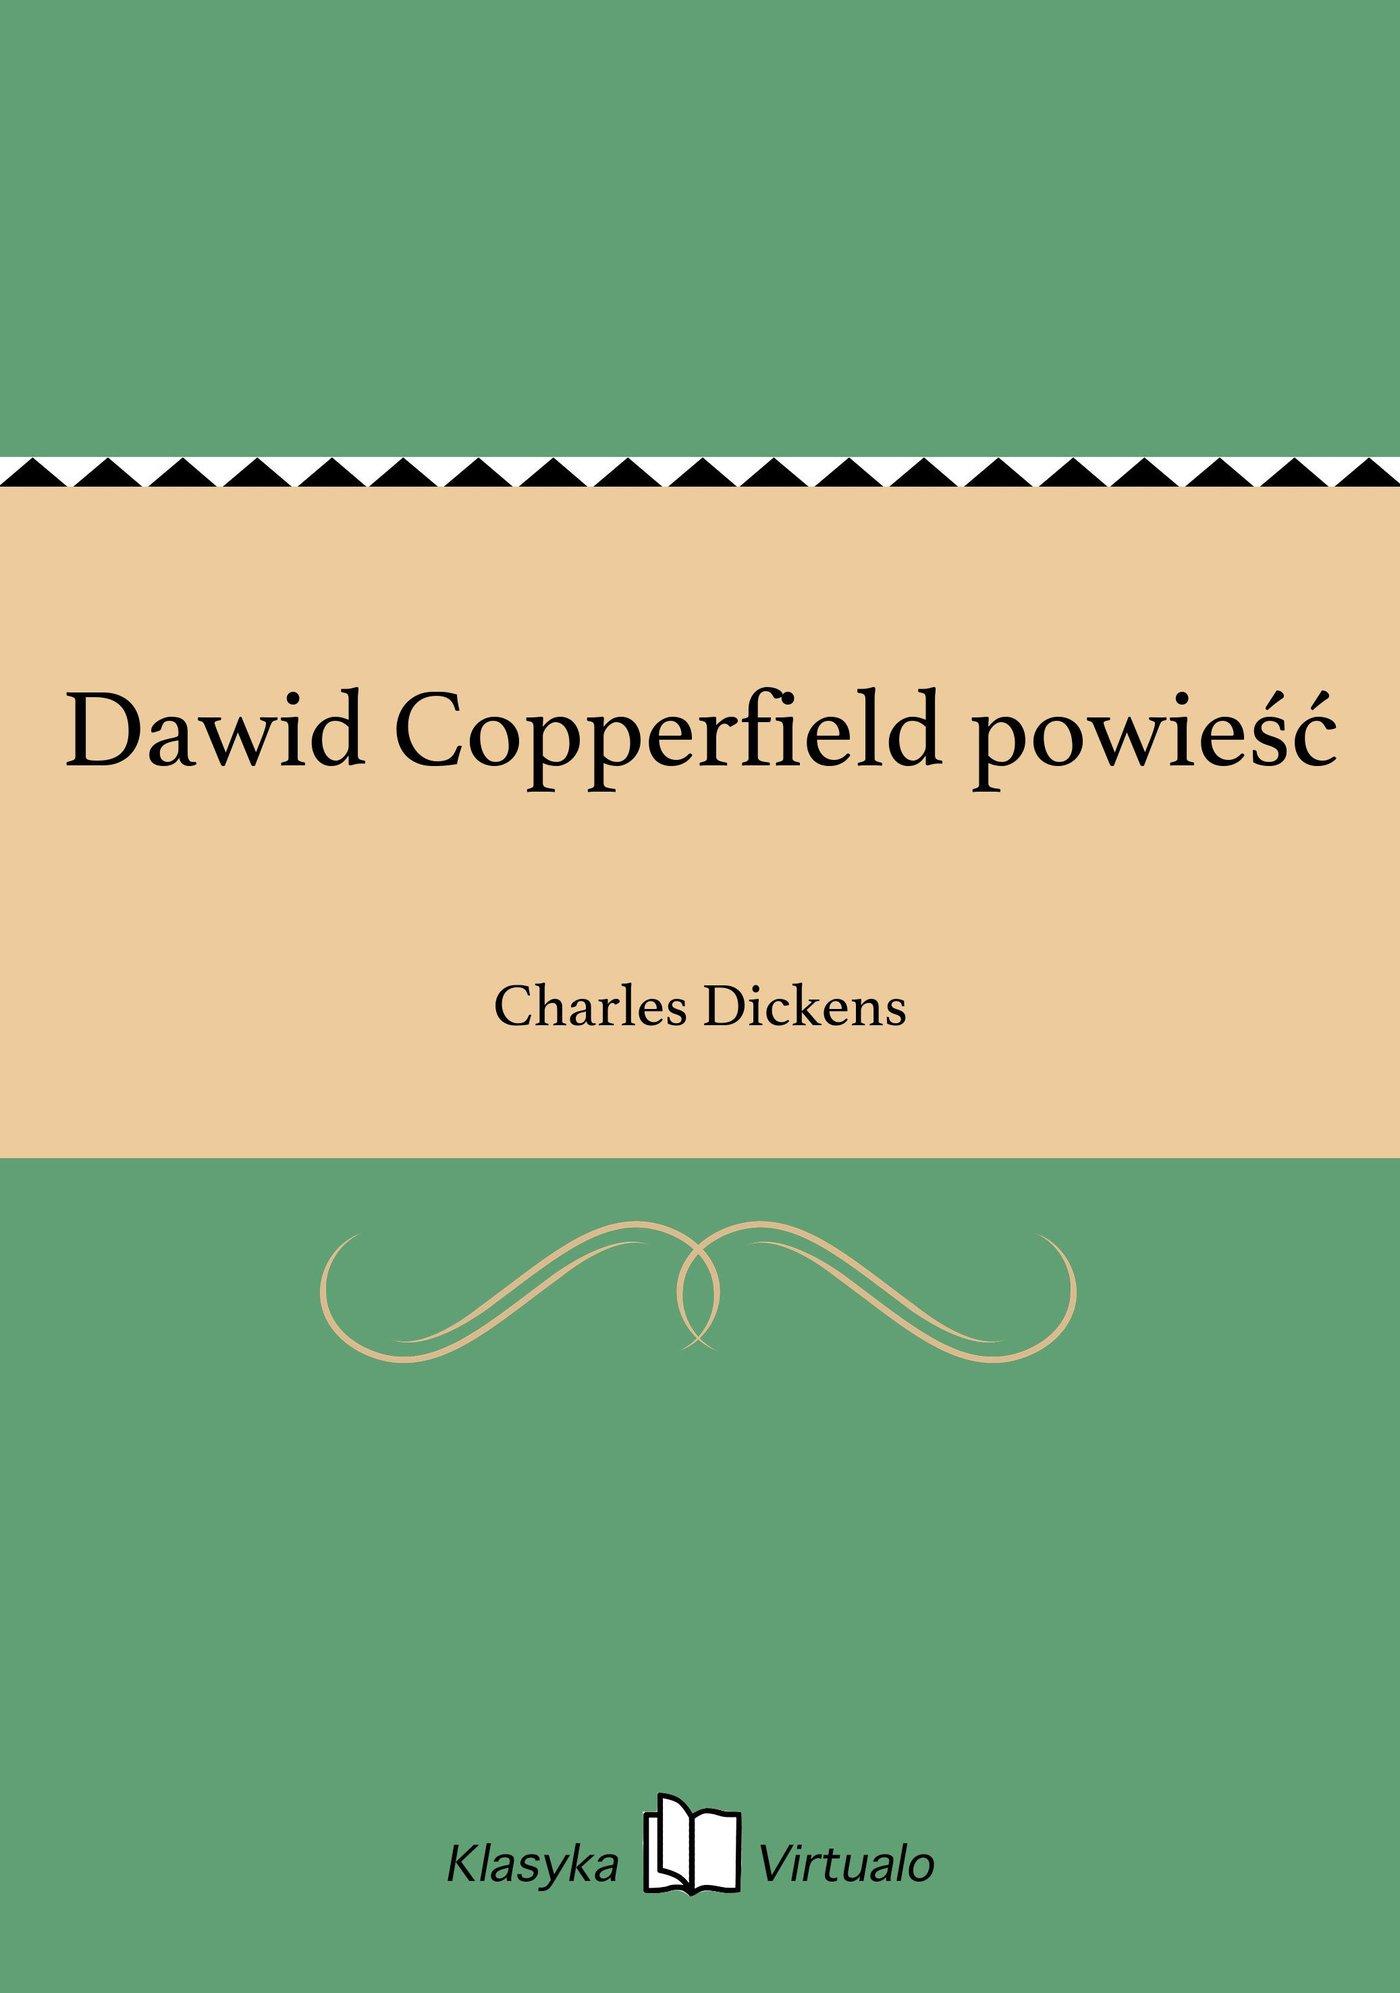 Dawid Copperfield powieść - Ebook (Książka EPUB) do pobrania w formacie EPUB